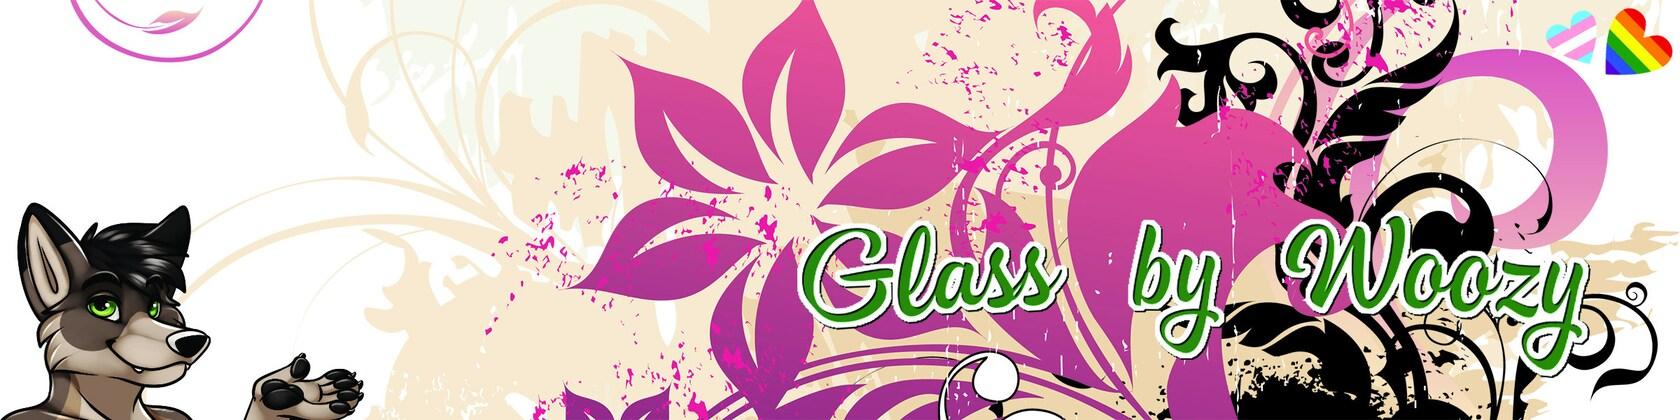 erotic art glass by glassbywoozy on etsy